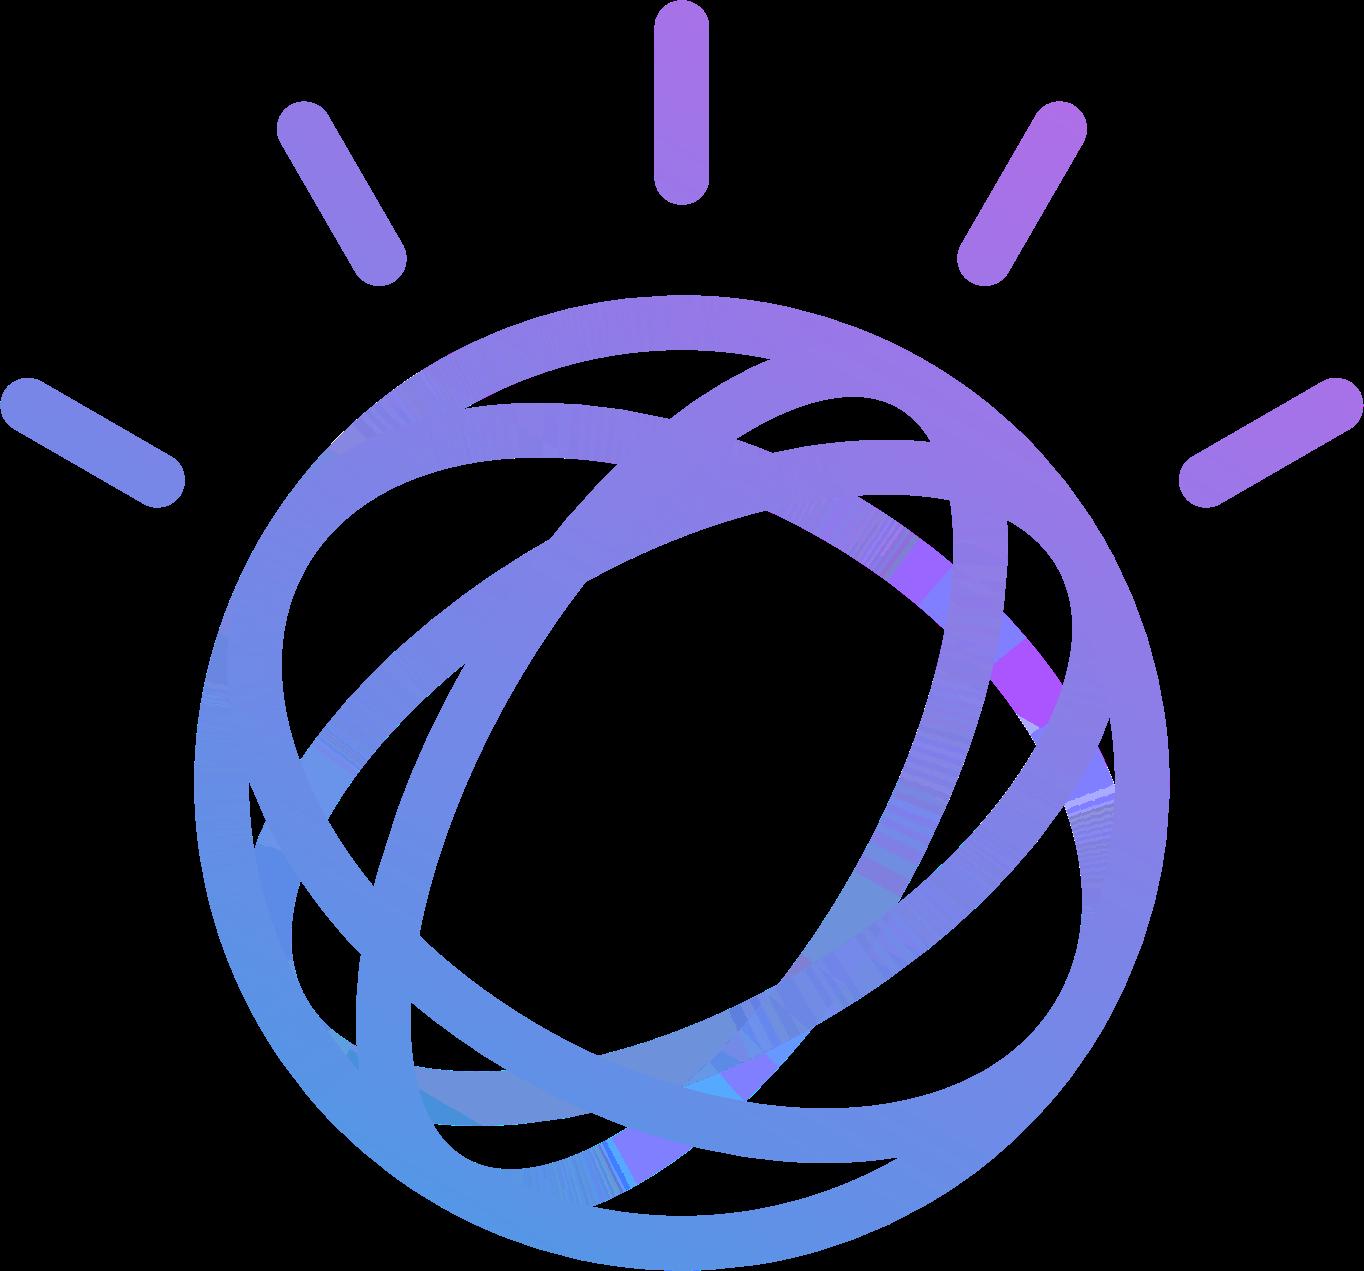 Внимание, Хабрахабр: IBM открывает бесплатный доступ к большому количеству своих ресурсов